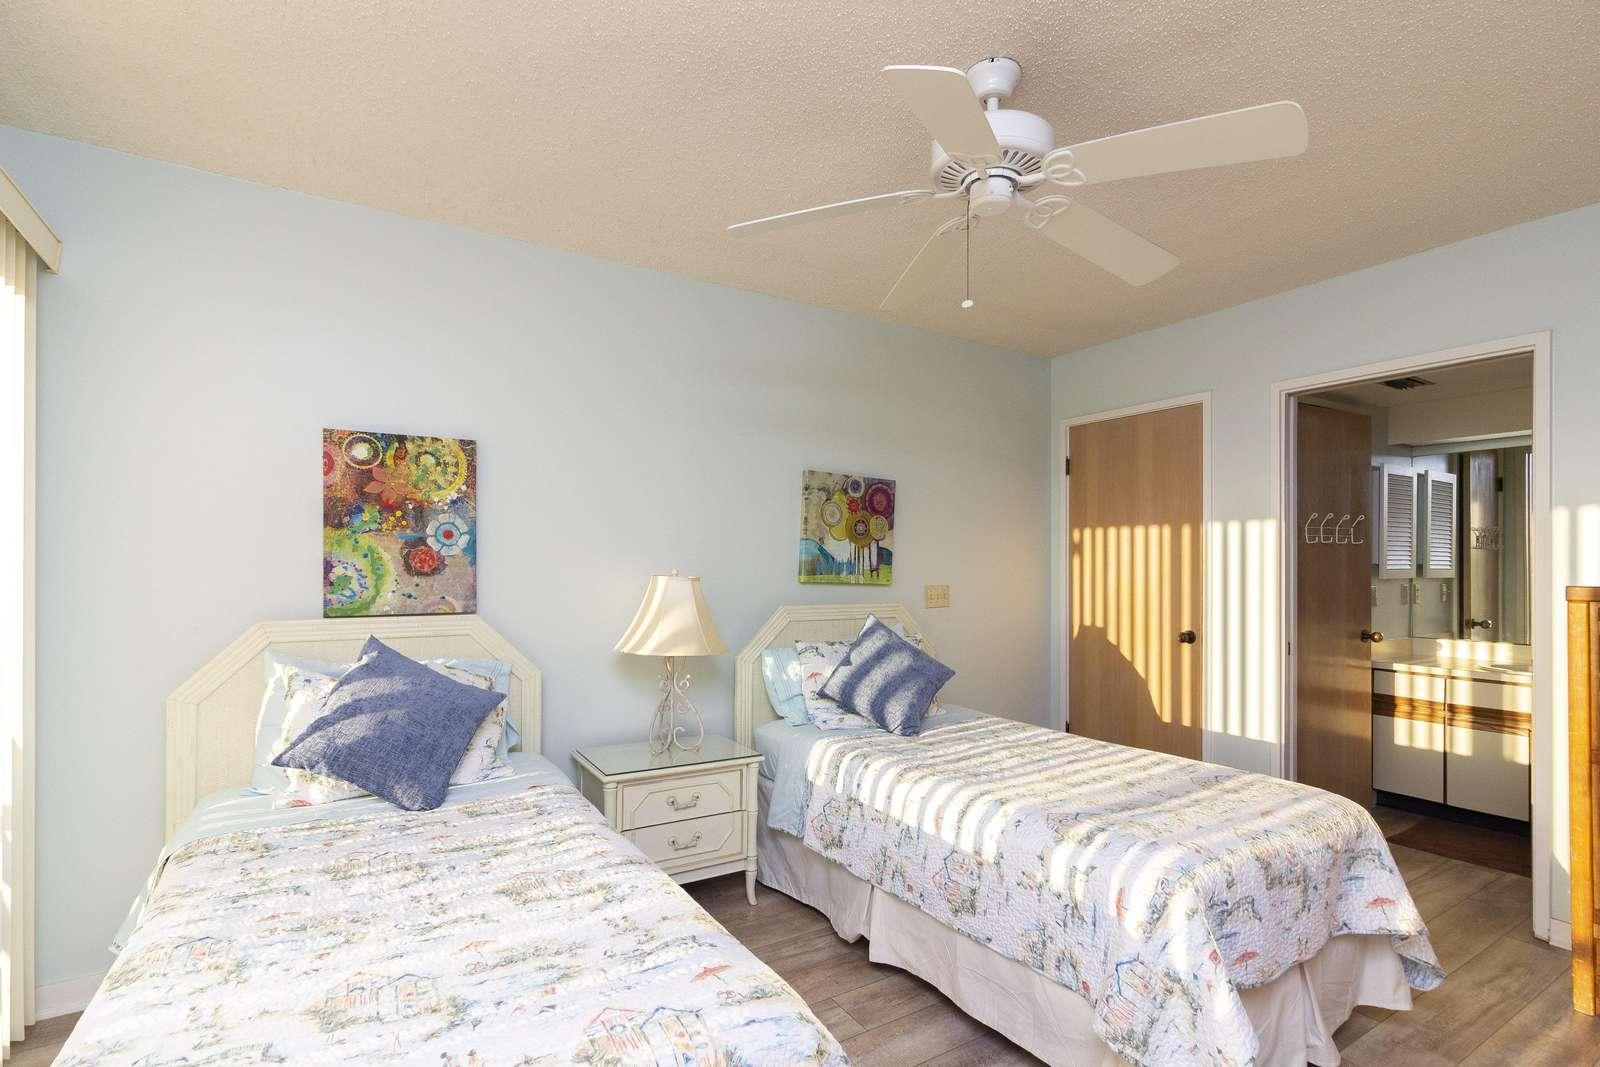 Guest Bedroom - (2) twin beds